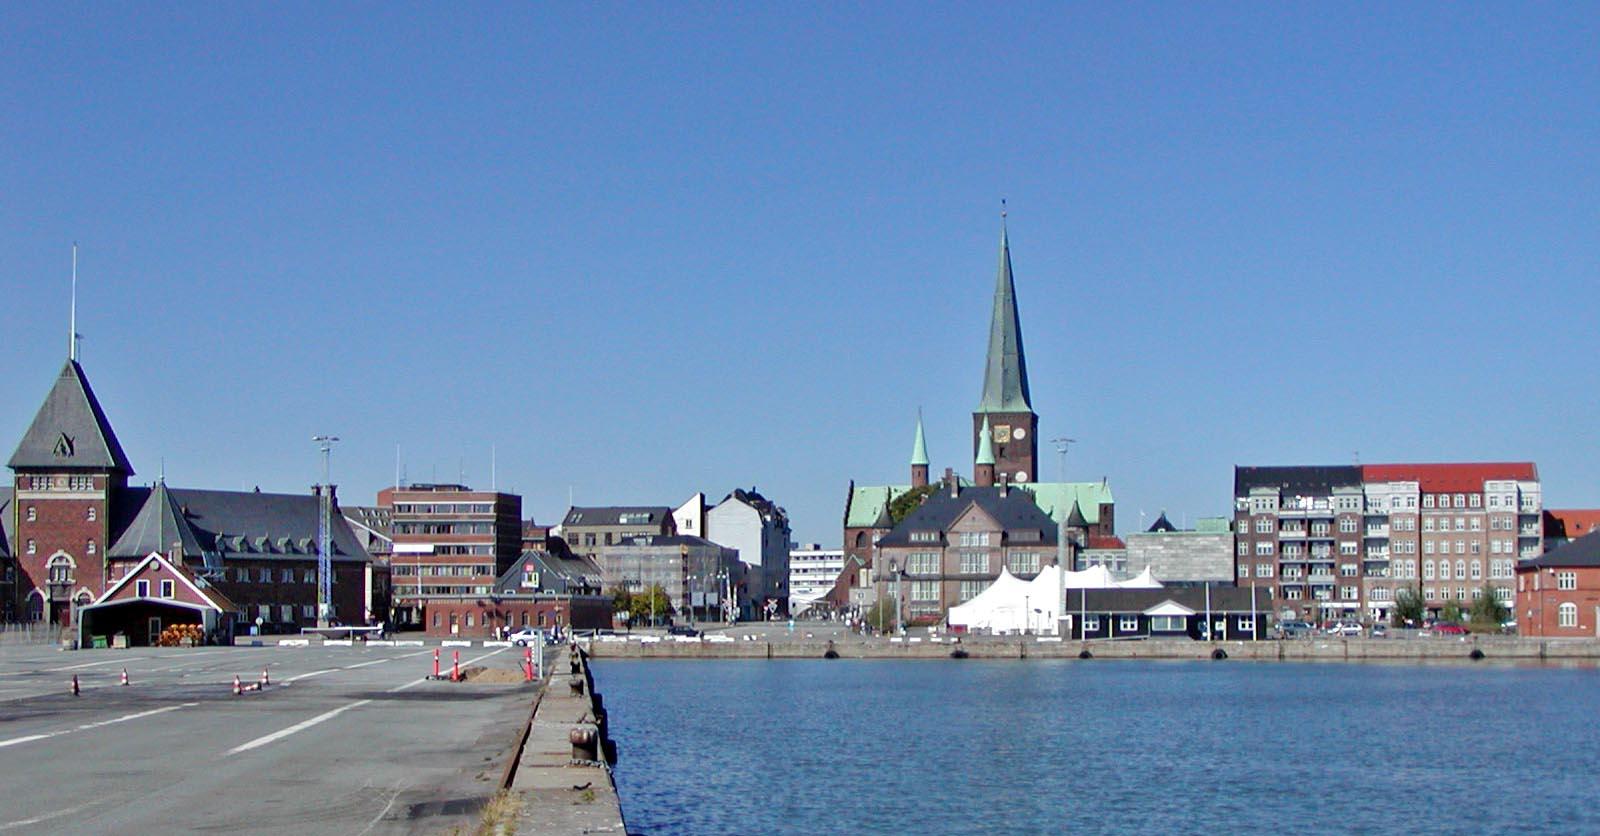 Aarhus waterfront